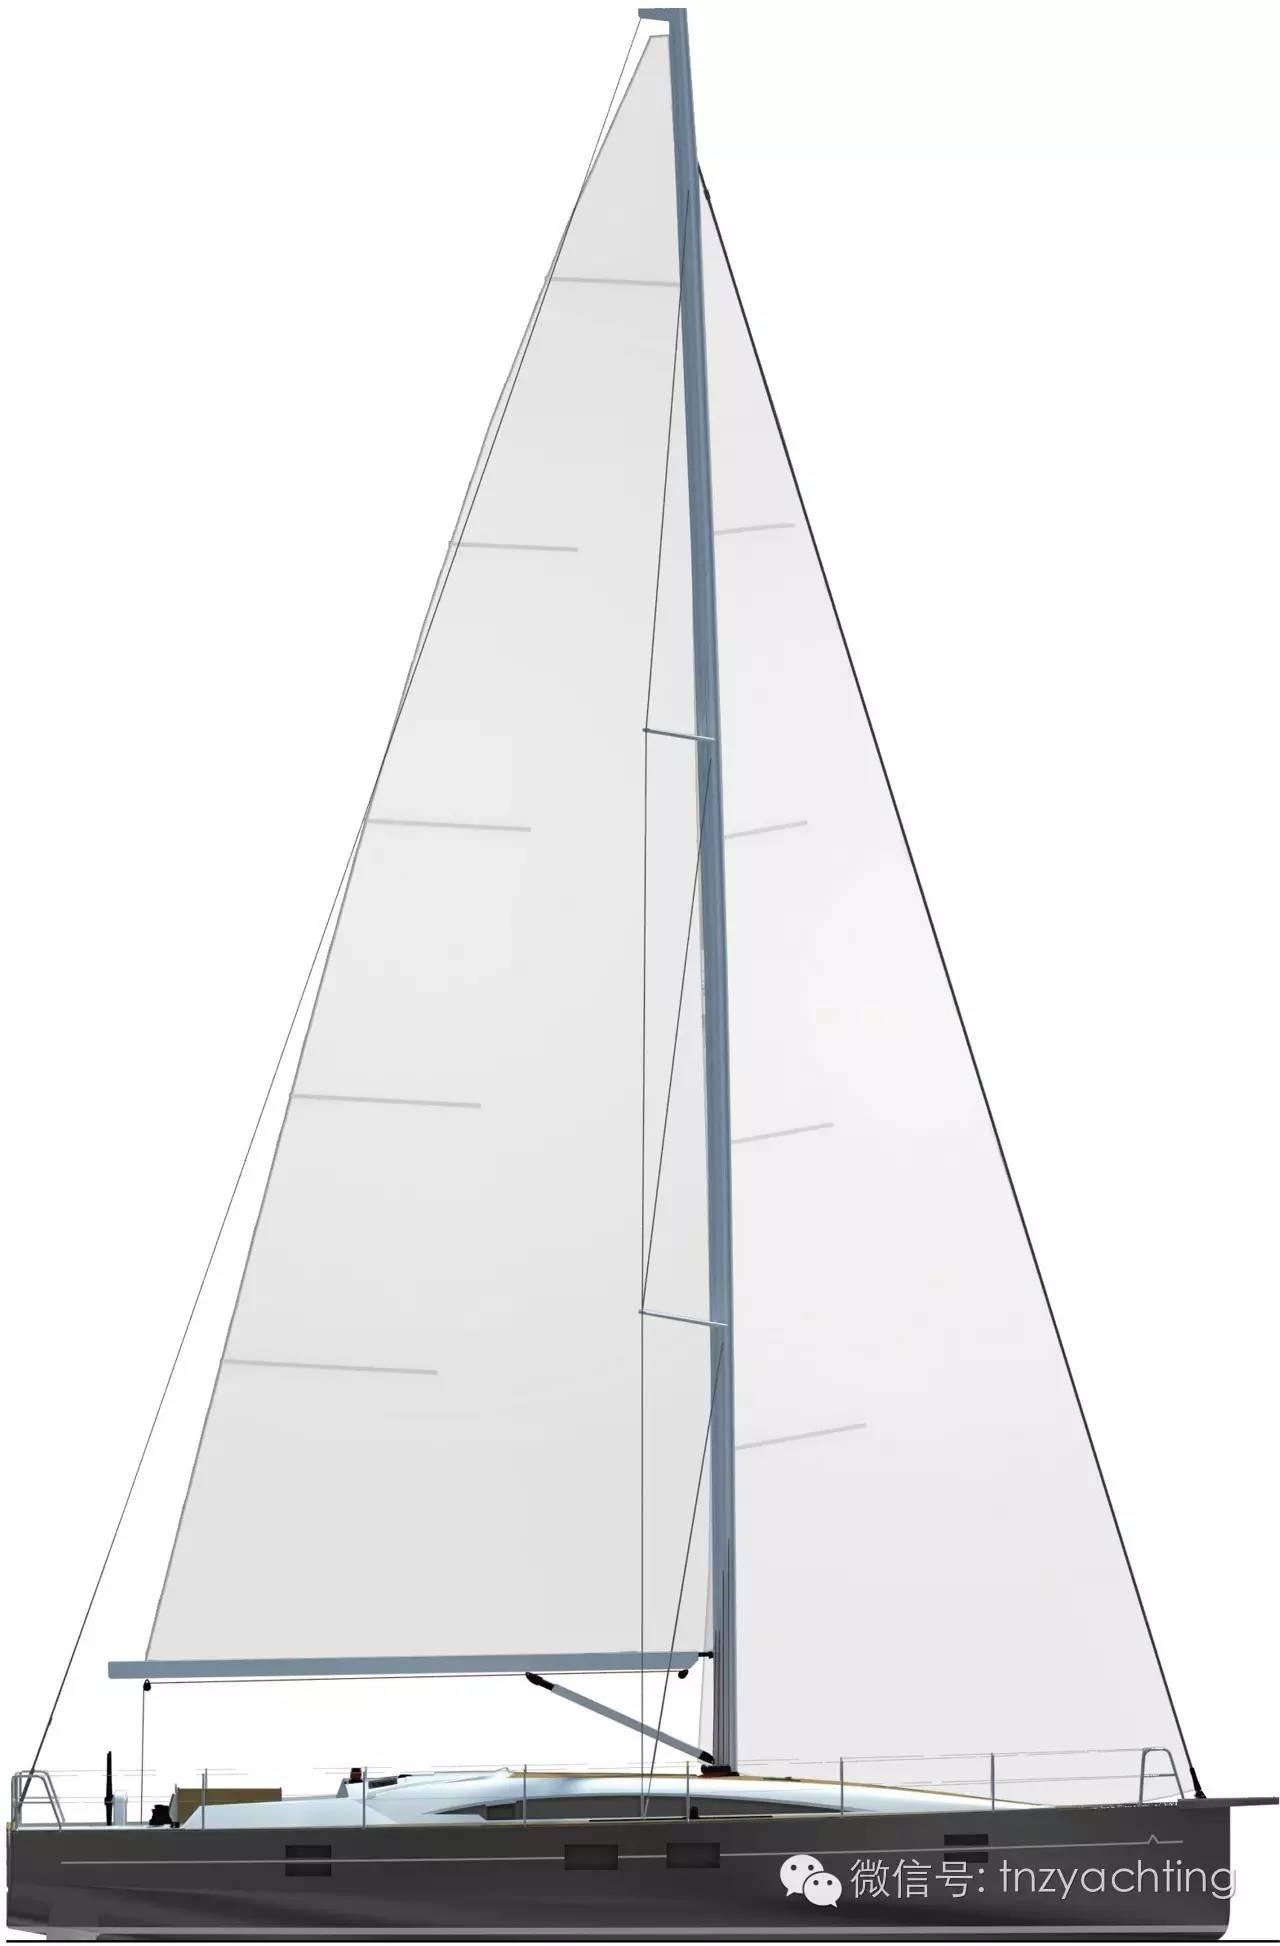 表现力,风格,最好,帆船,技术 阿兹尔(AZUREE)46单体帆船图文介绍 819a0c6f7c4787c1f7e70a830d0135a9.jpg